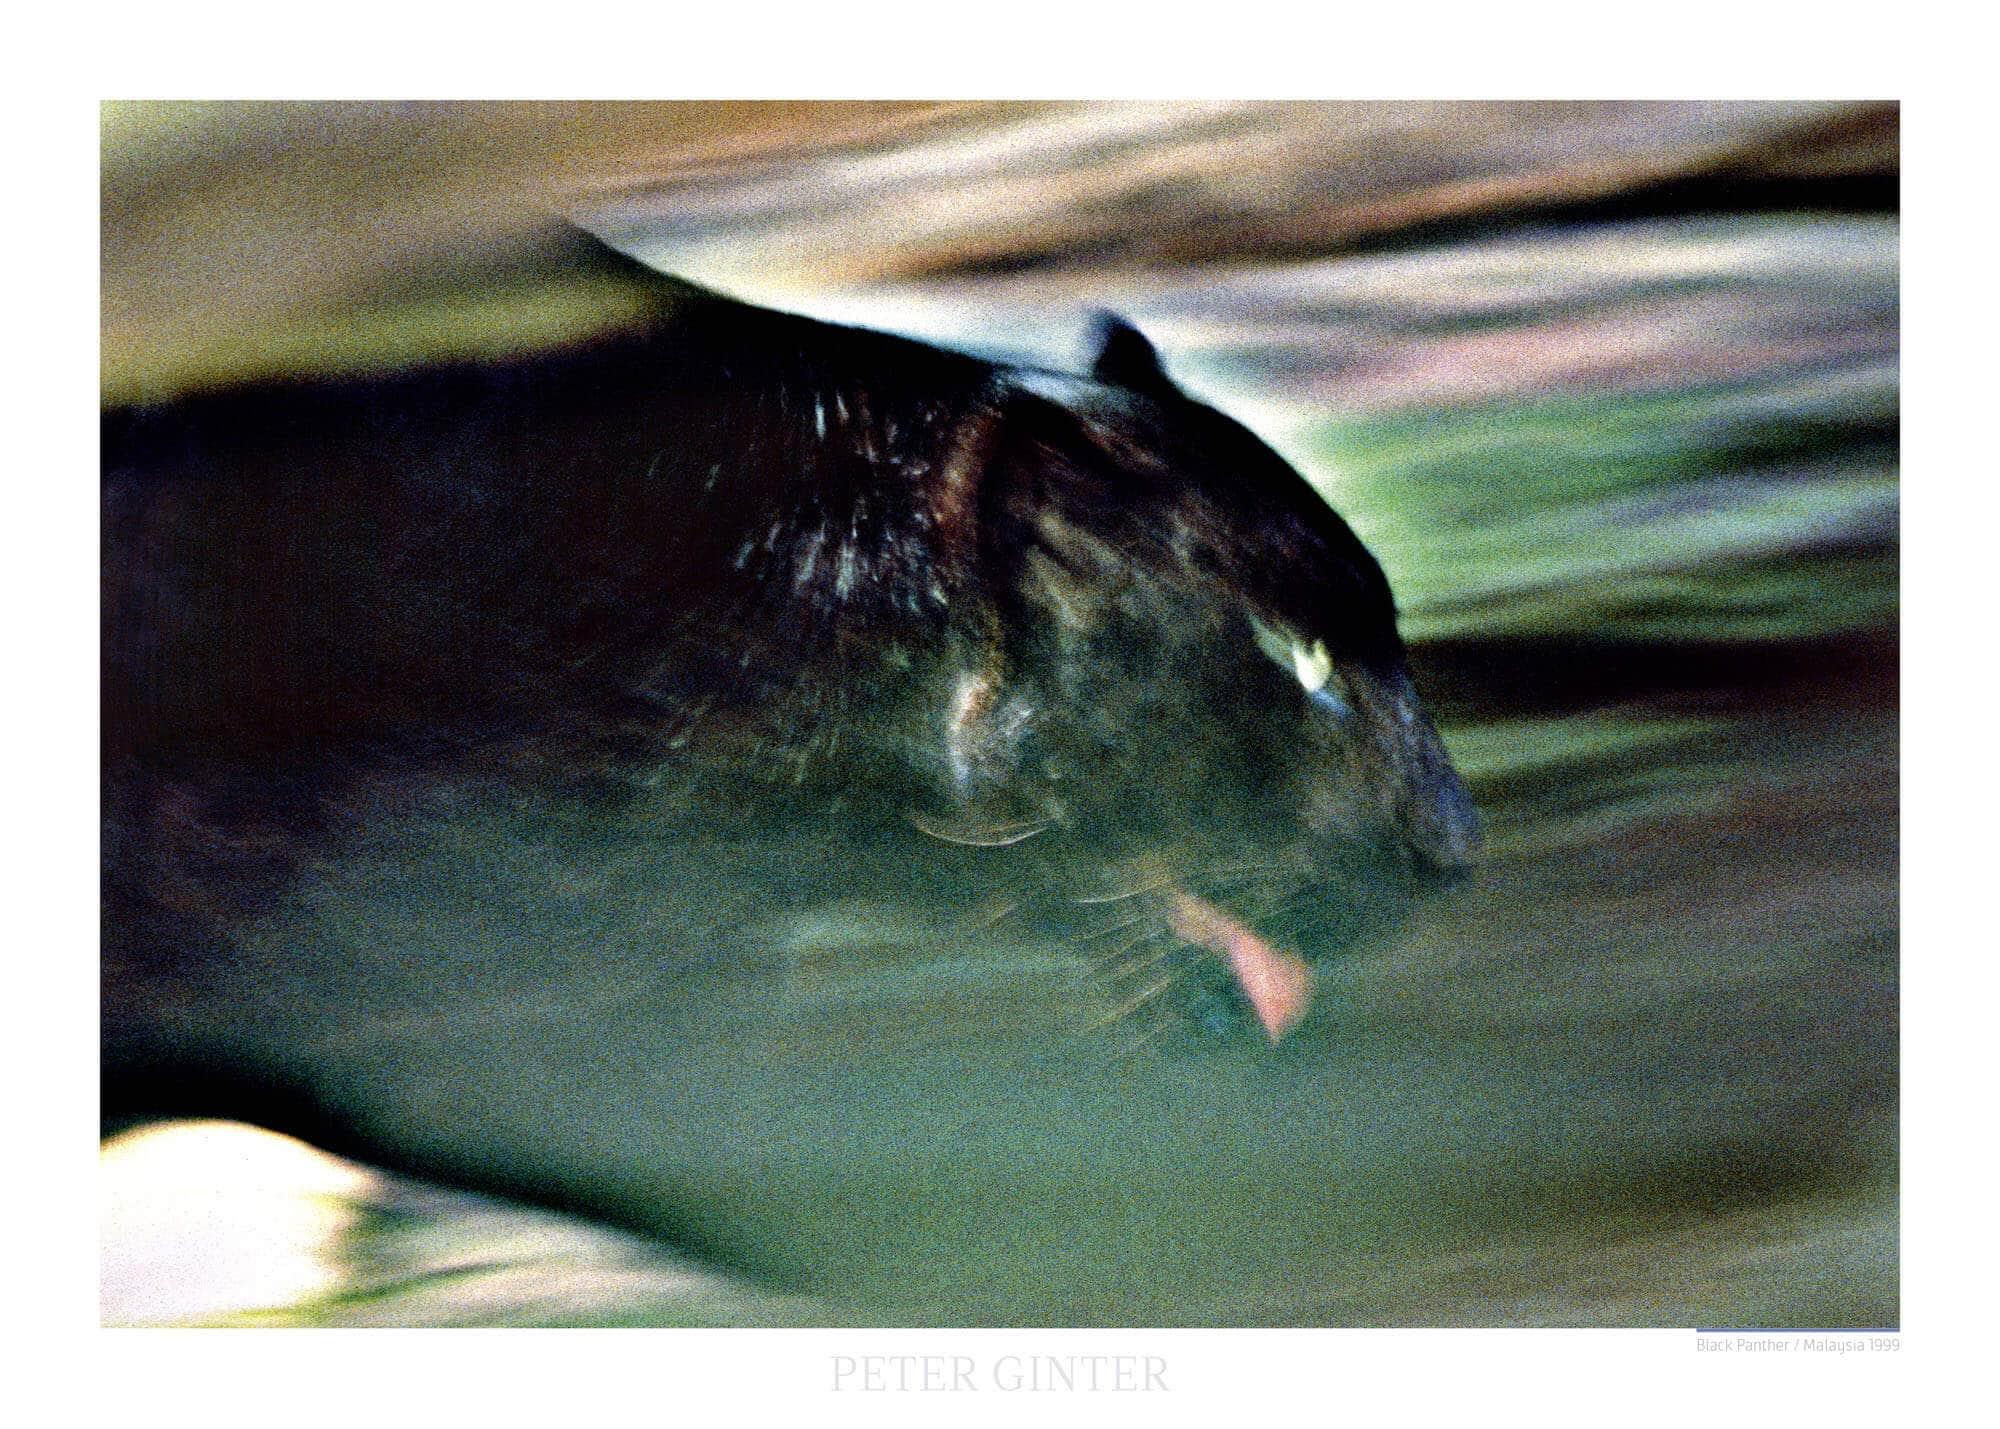 Black Panther / Malaysia 1999 © Peter Ginter